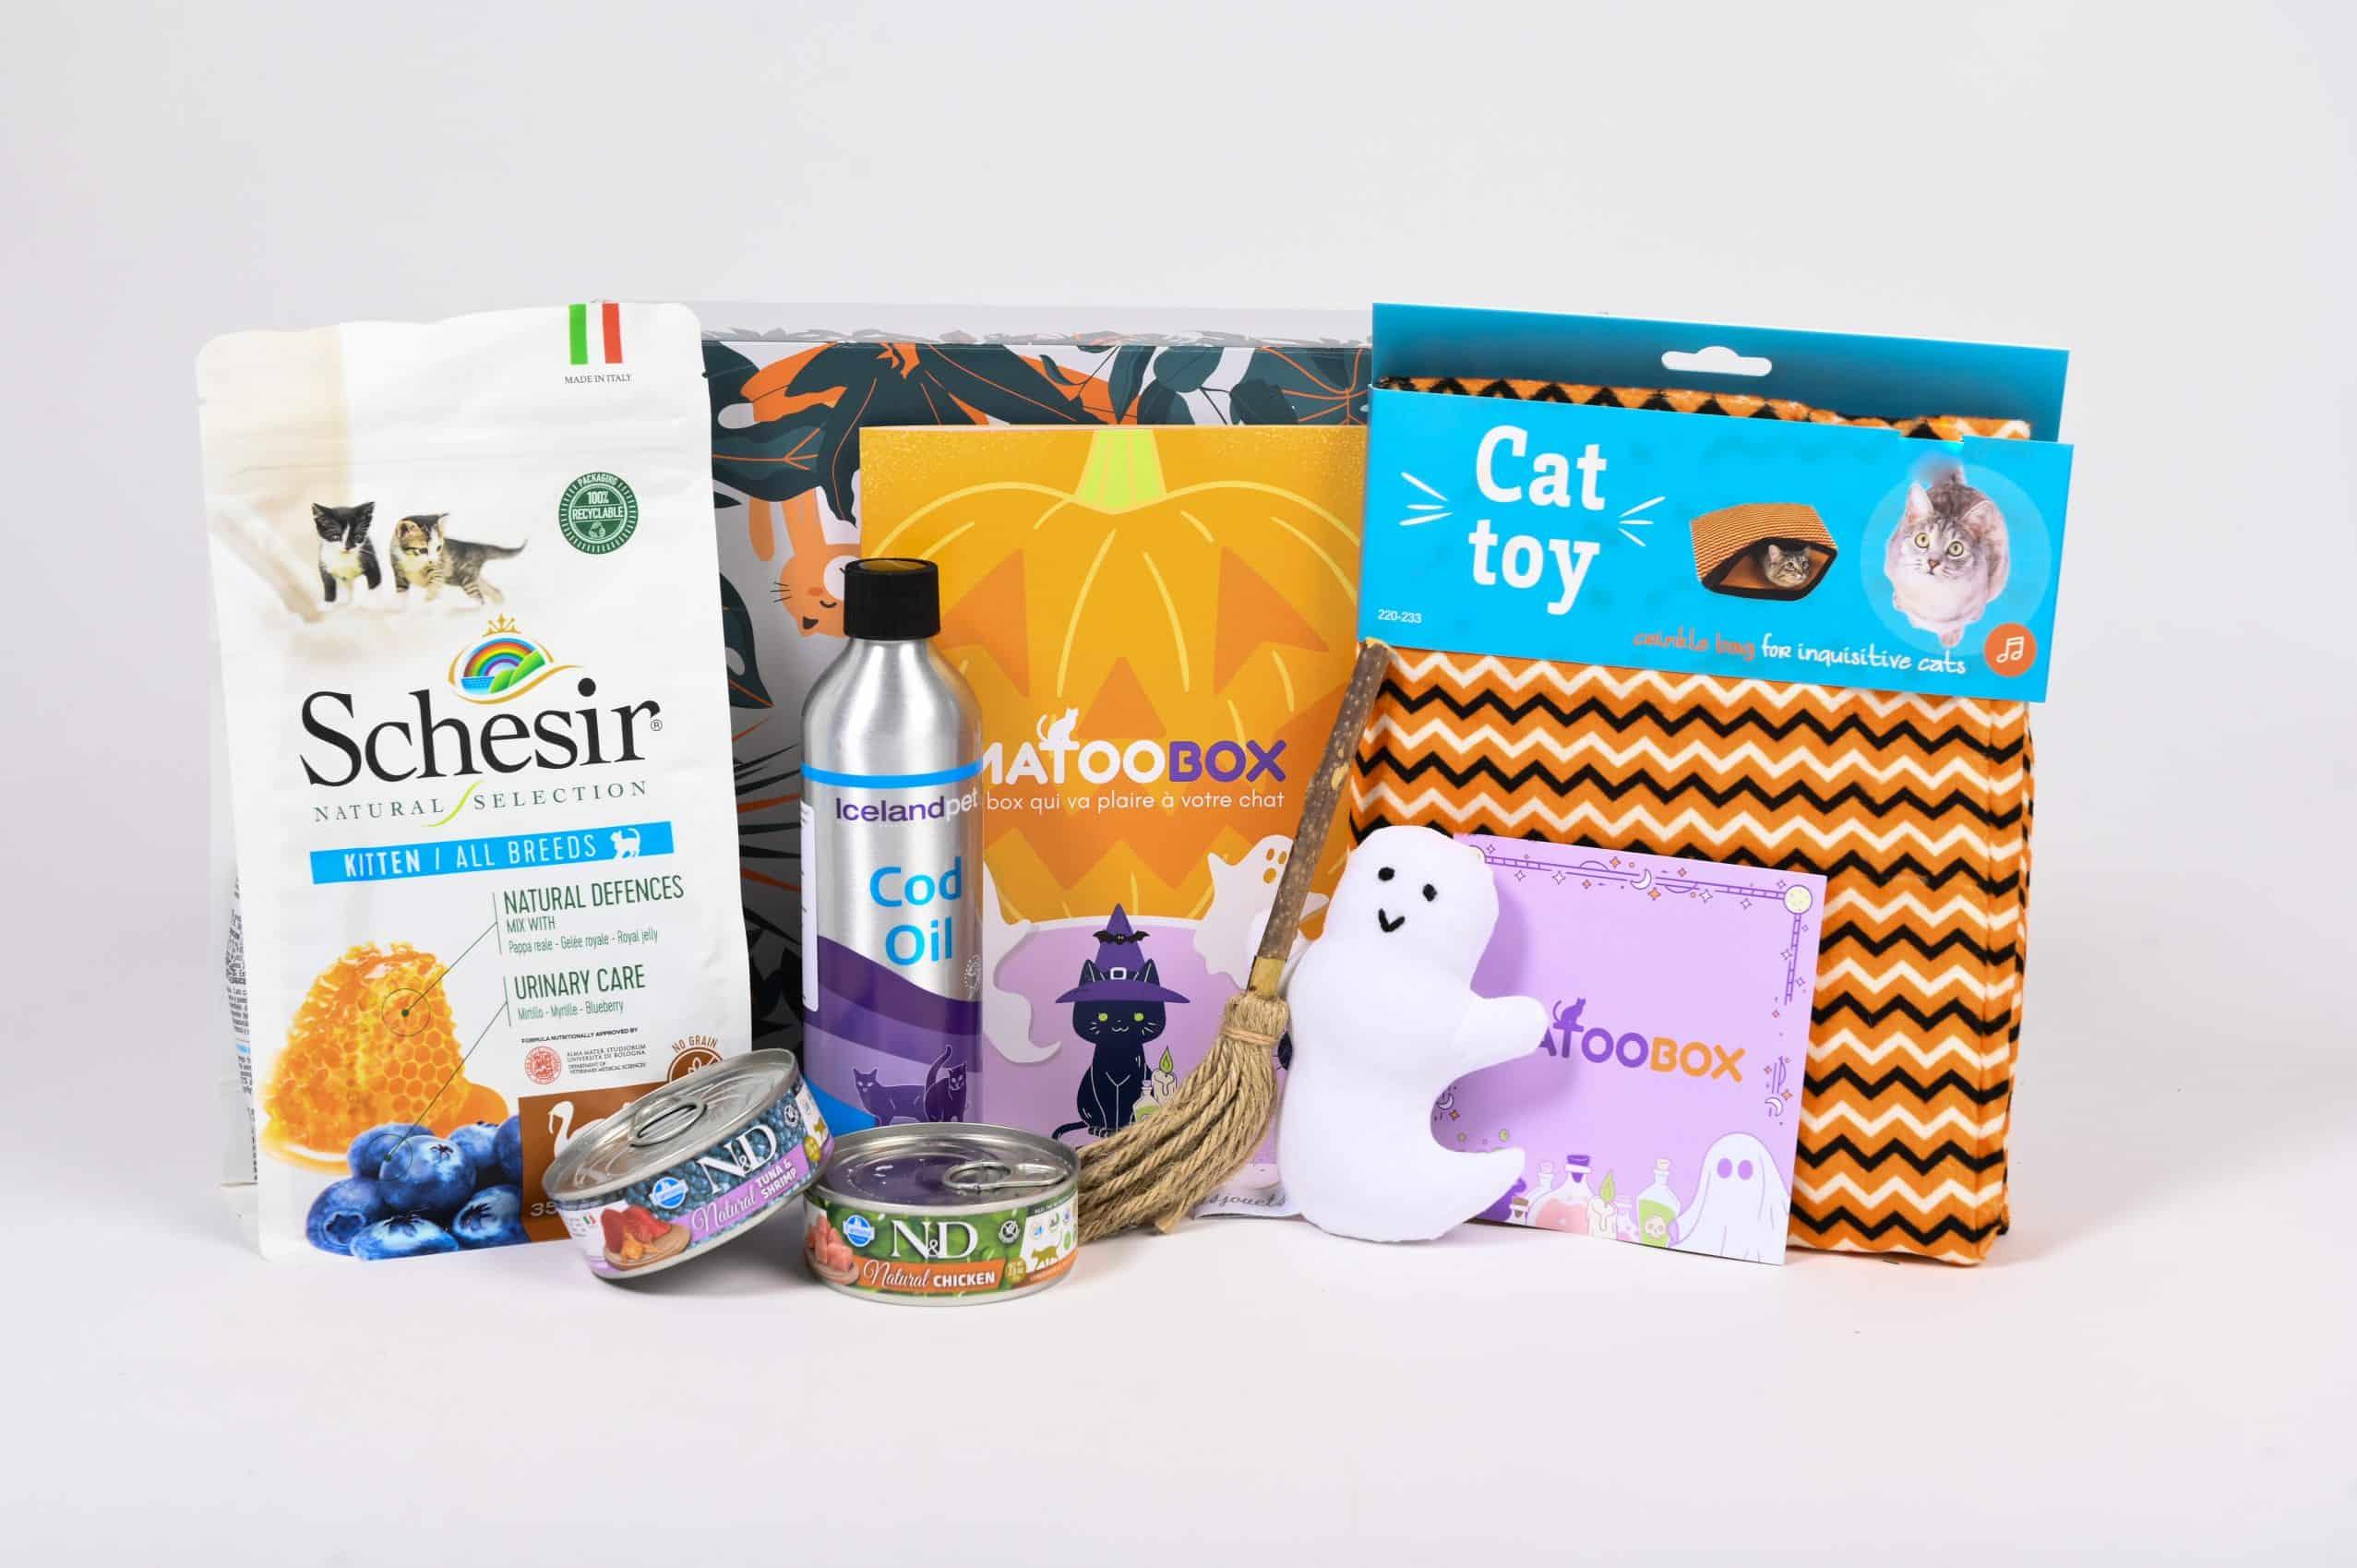 produits-sains-naturelles-pour-chats-box-matoobox